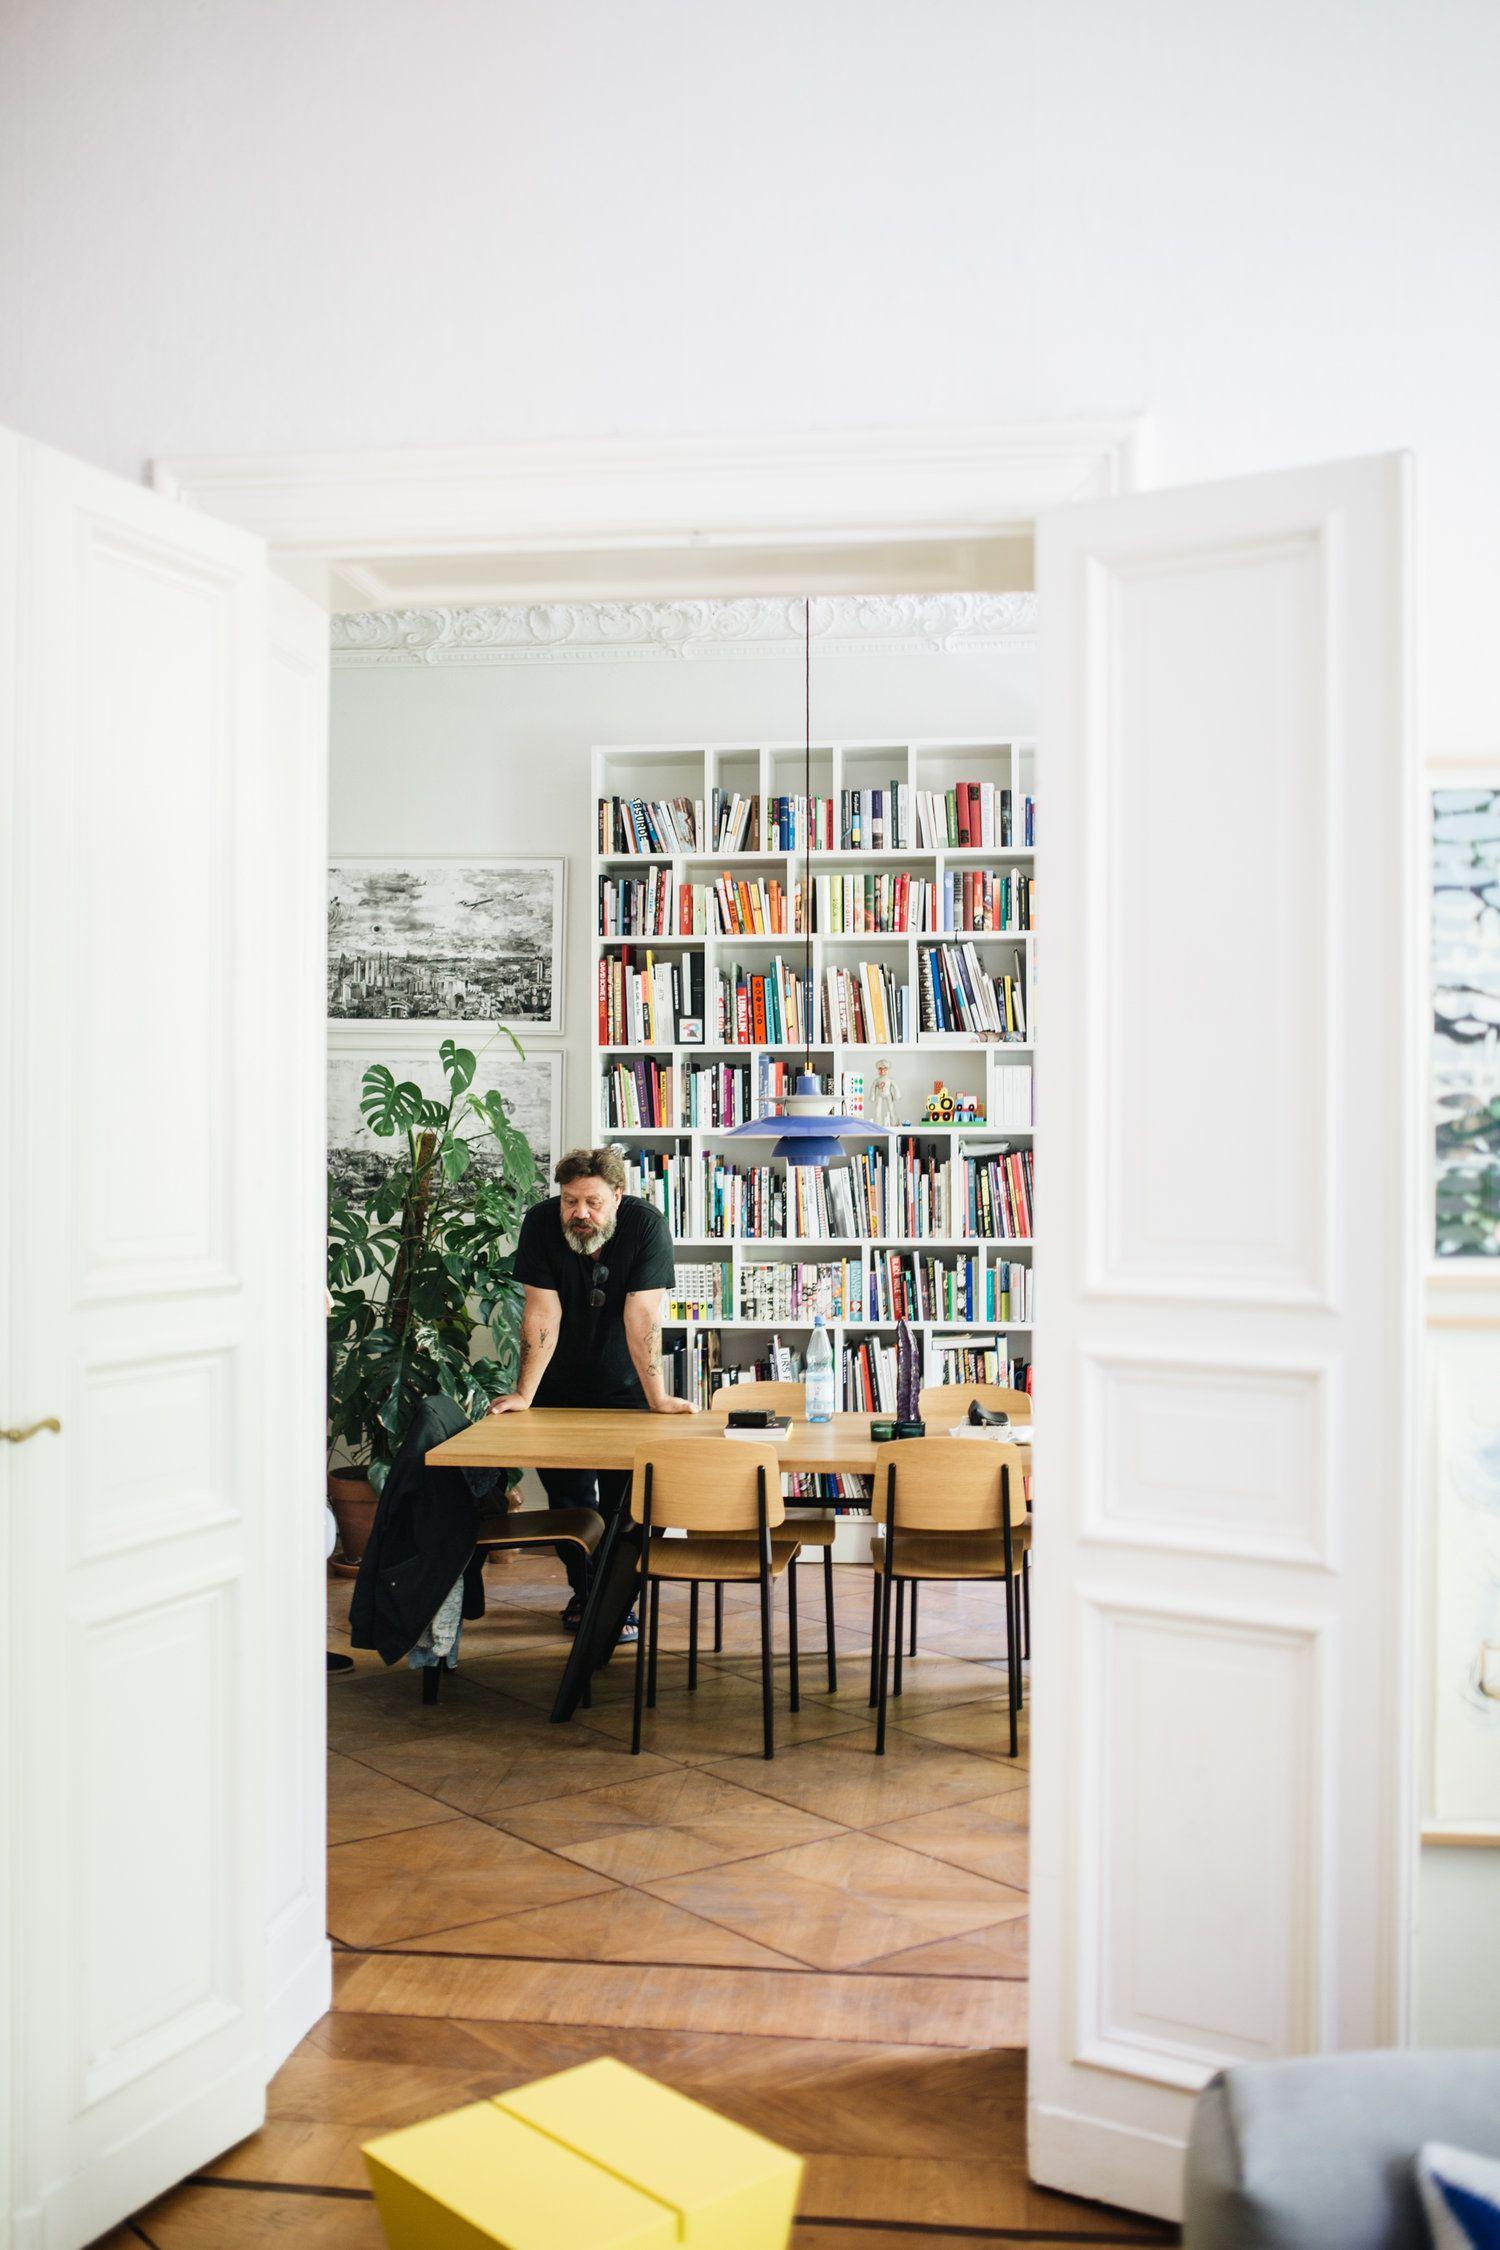 Zu Besuch Bei Eike Konig Herz Und Blut Interior Design Lifestyle Travel Blog In 2020 Design Flugelturen Zuhause